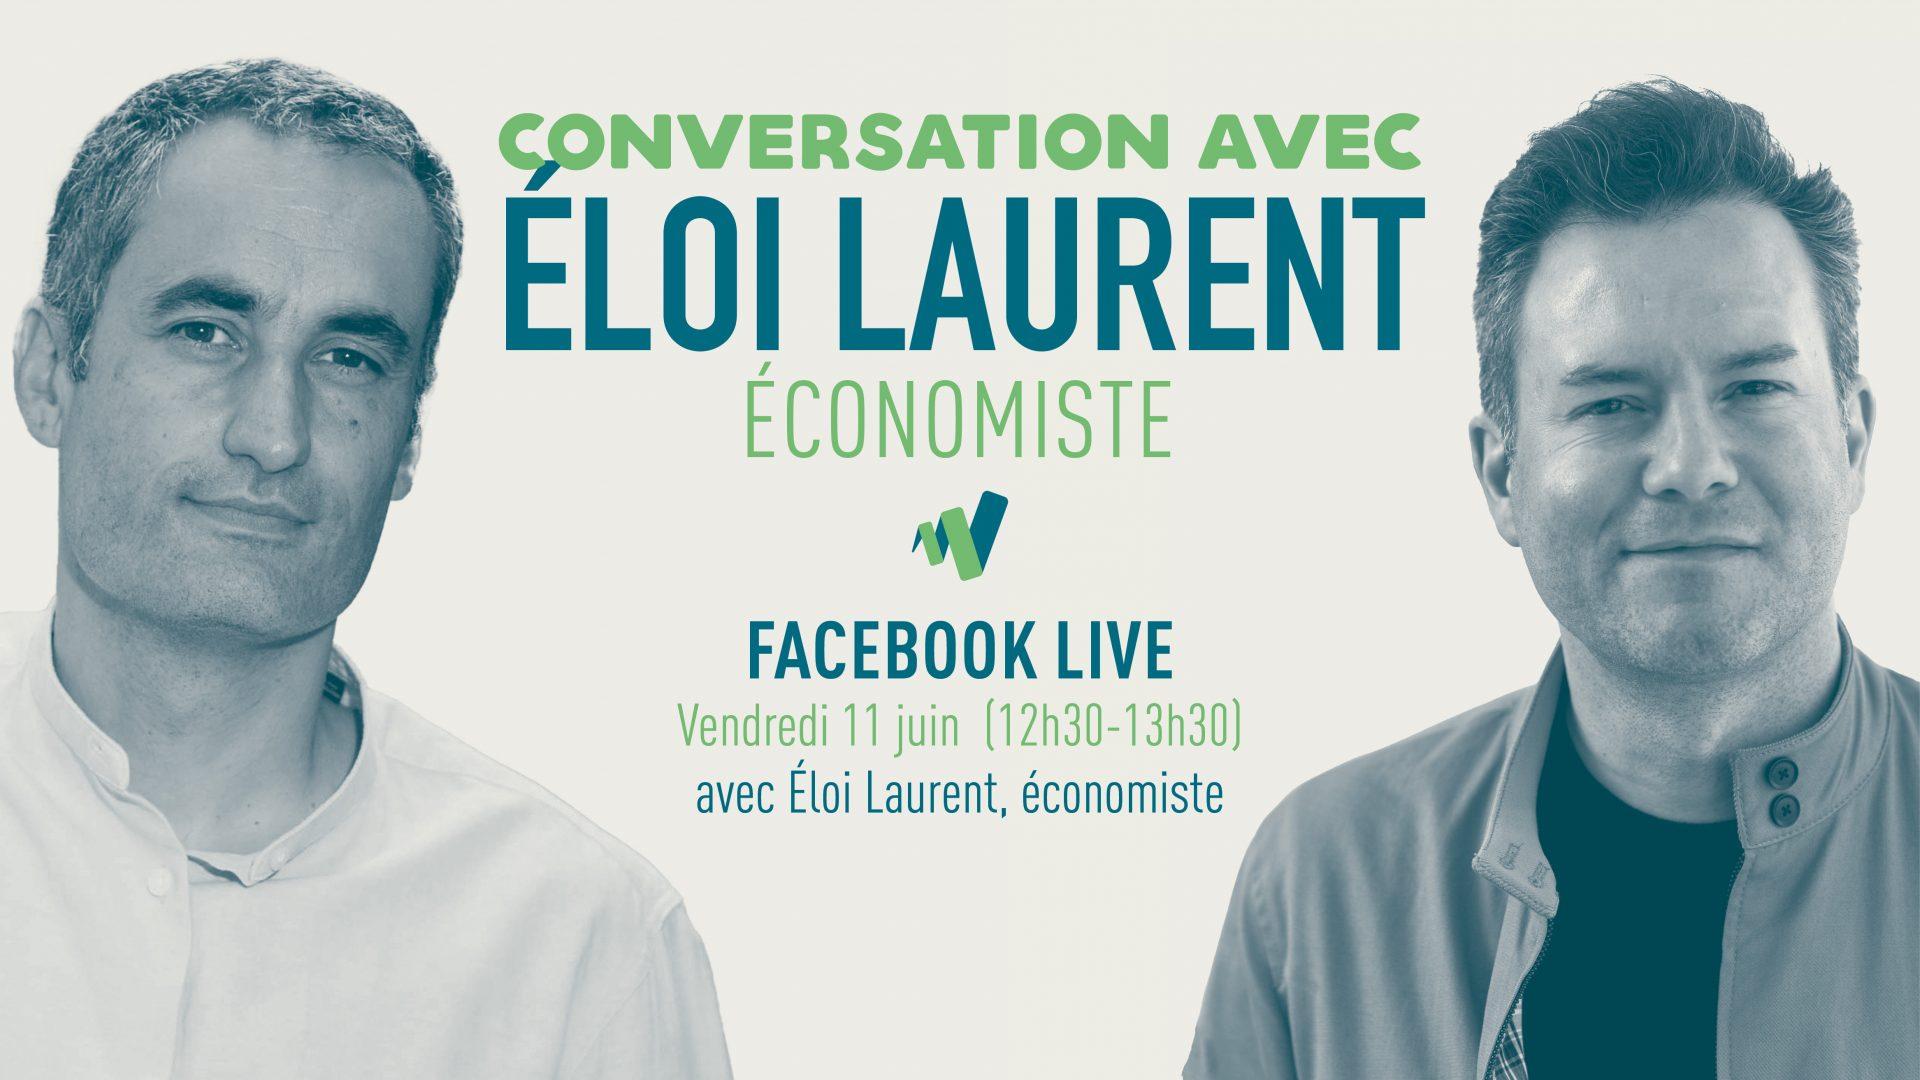 Visuel Conversation avec Éloi Laurent